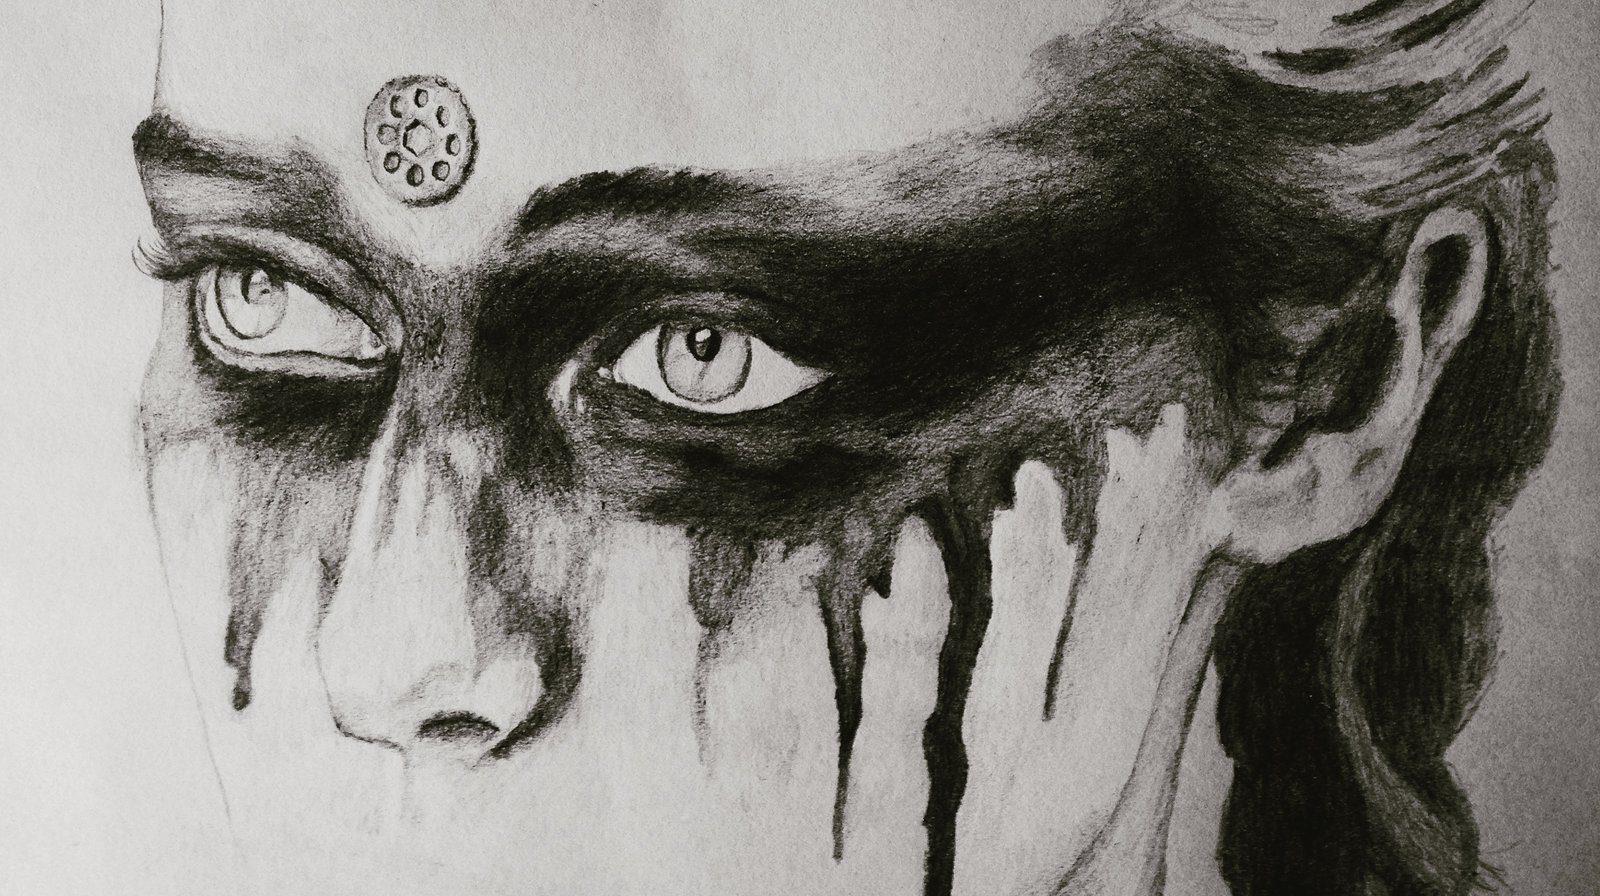 Lexa-drawing-fan-art